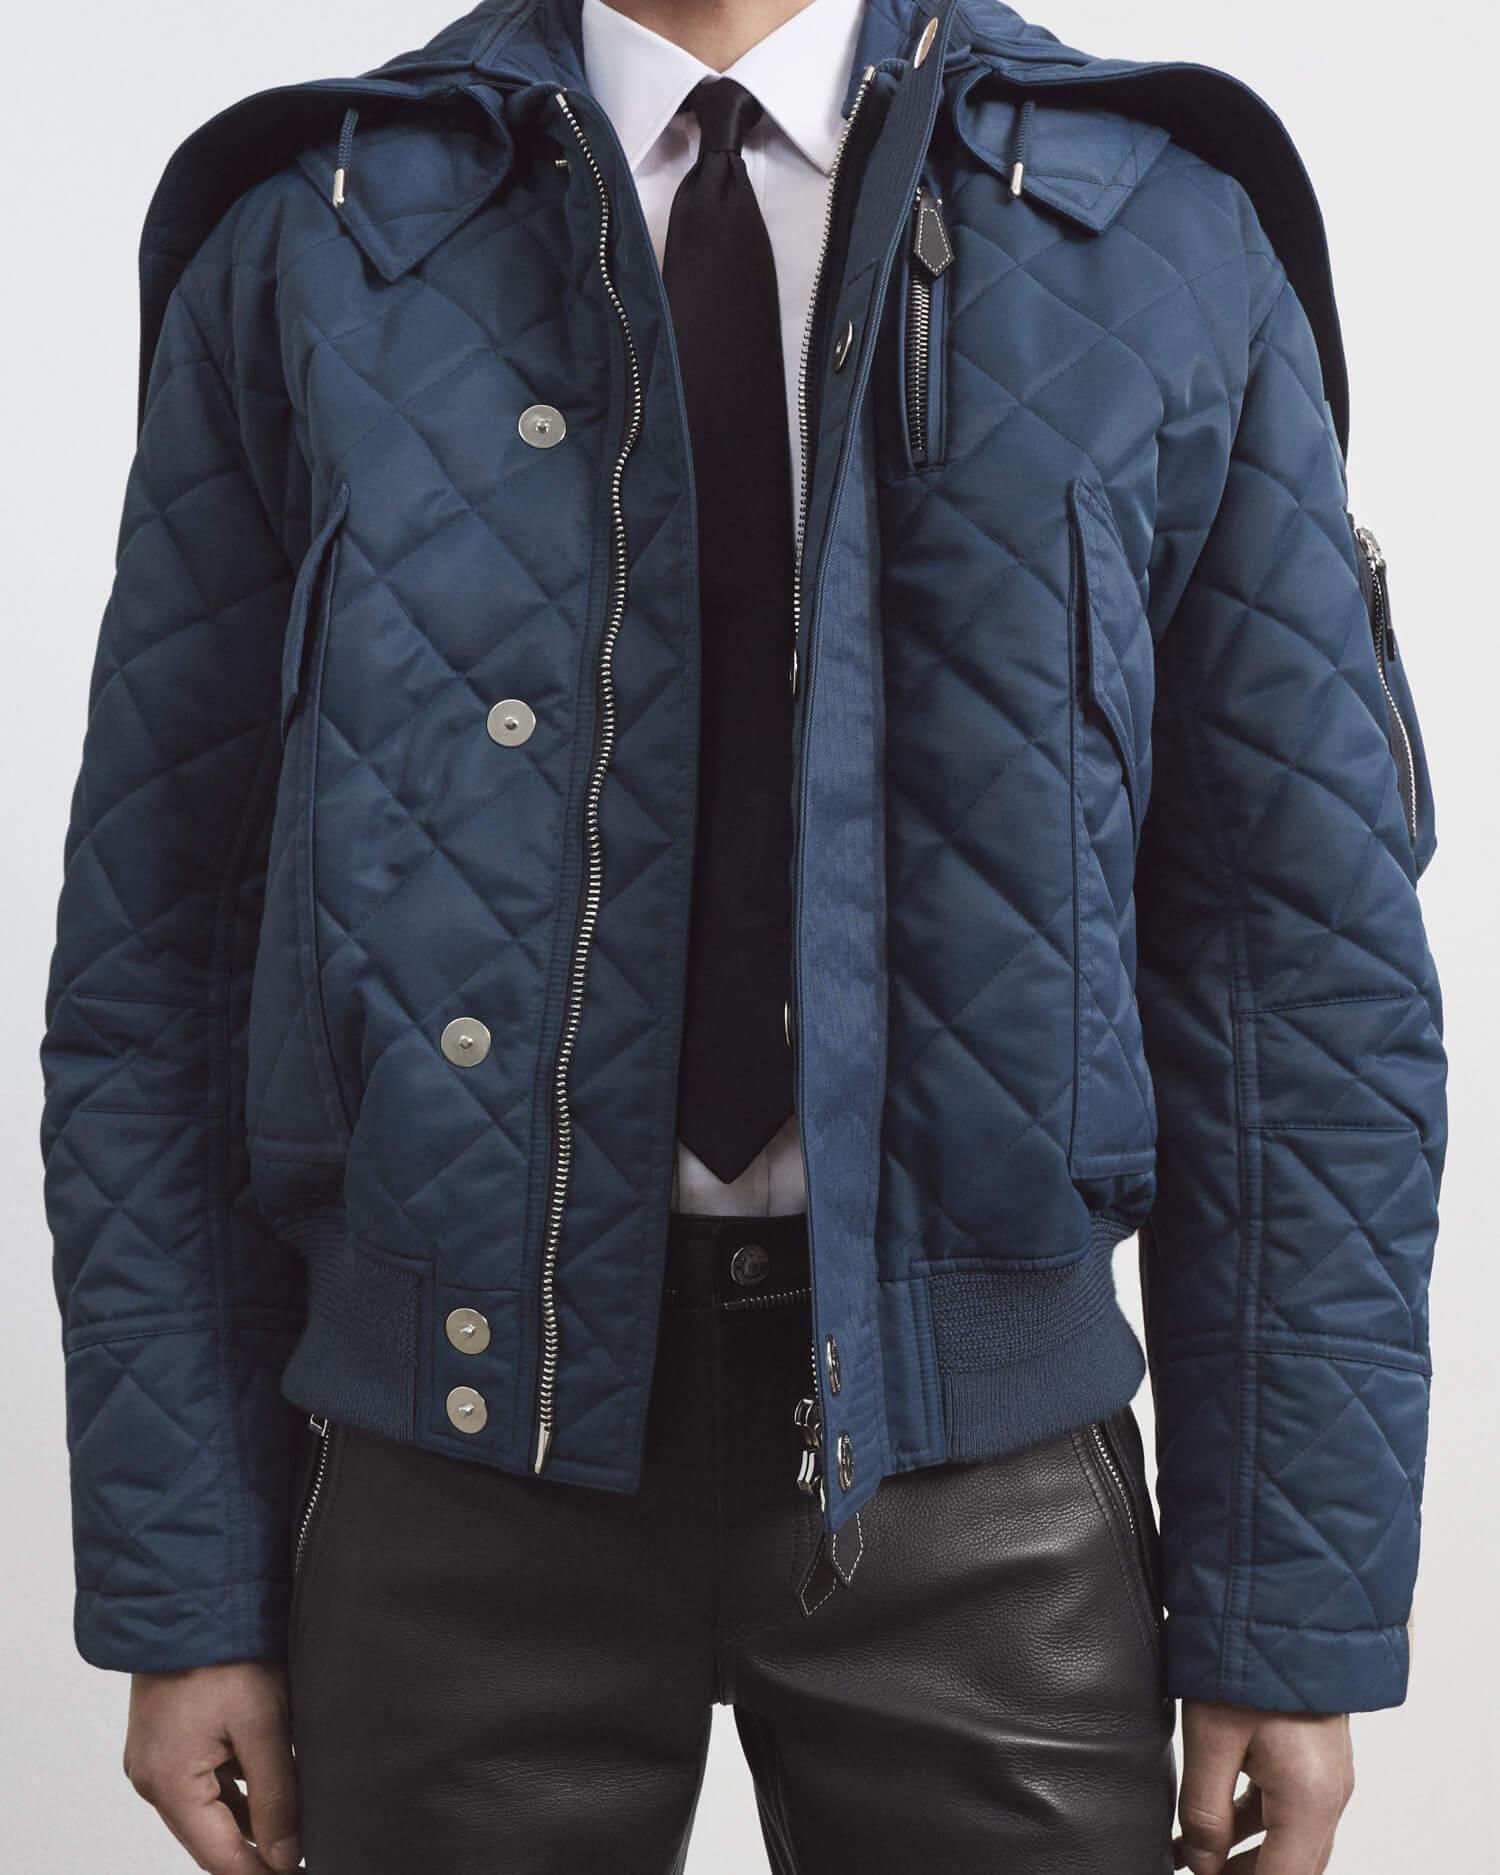 ダイアモンドキルティングナイロンのフィールドジャケット